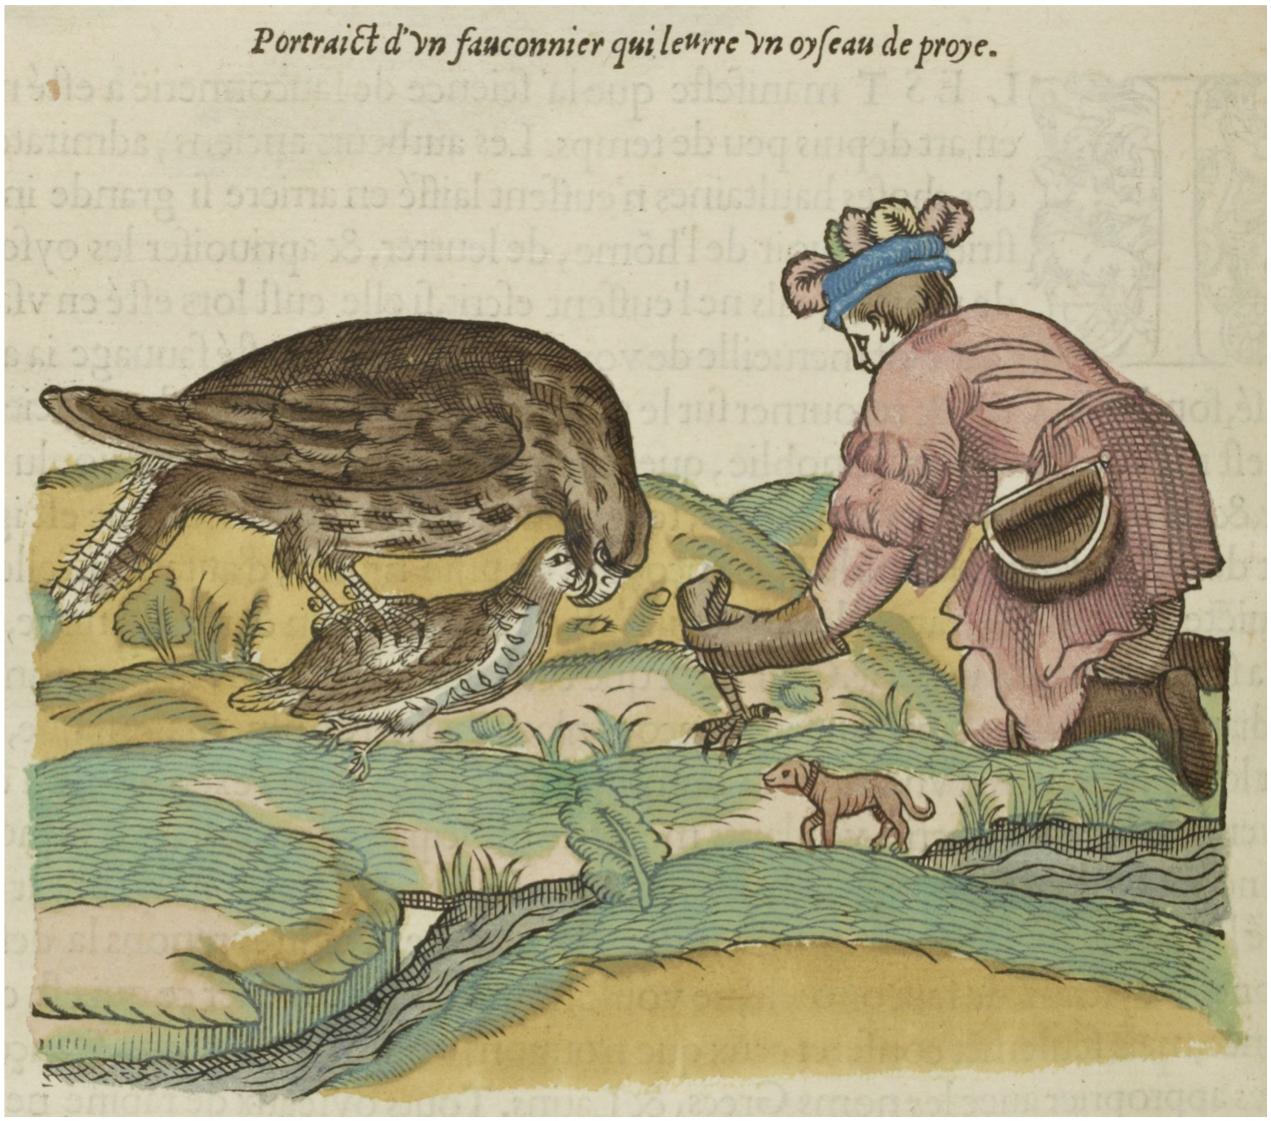 Pierre BELON, L'histoire de la nature des oyseaux, 1555, Paris, Gilles Corrozet, gravure sur bois réhaussée en couleurs, p. 106.